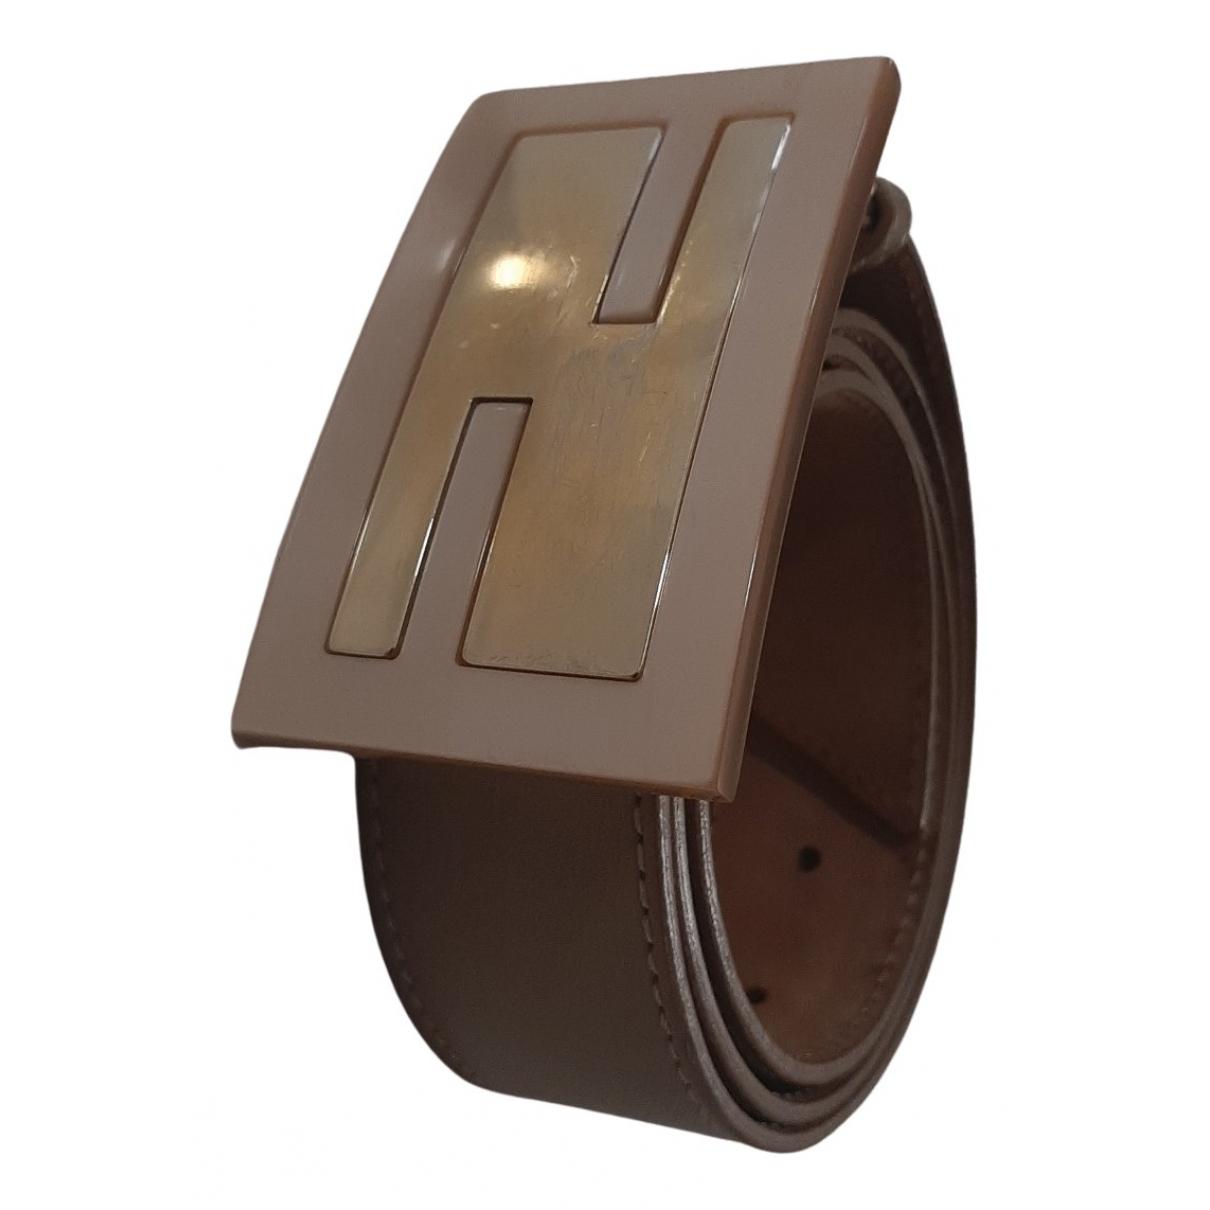 Fendi N Beige Leather belt for Women 90 cm